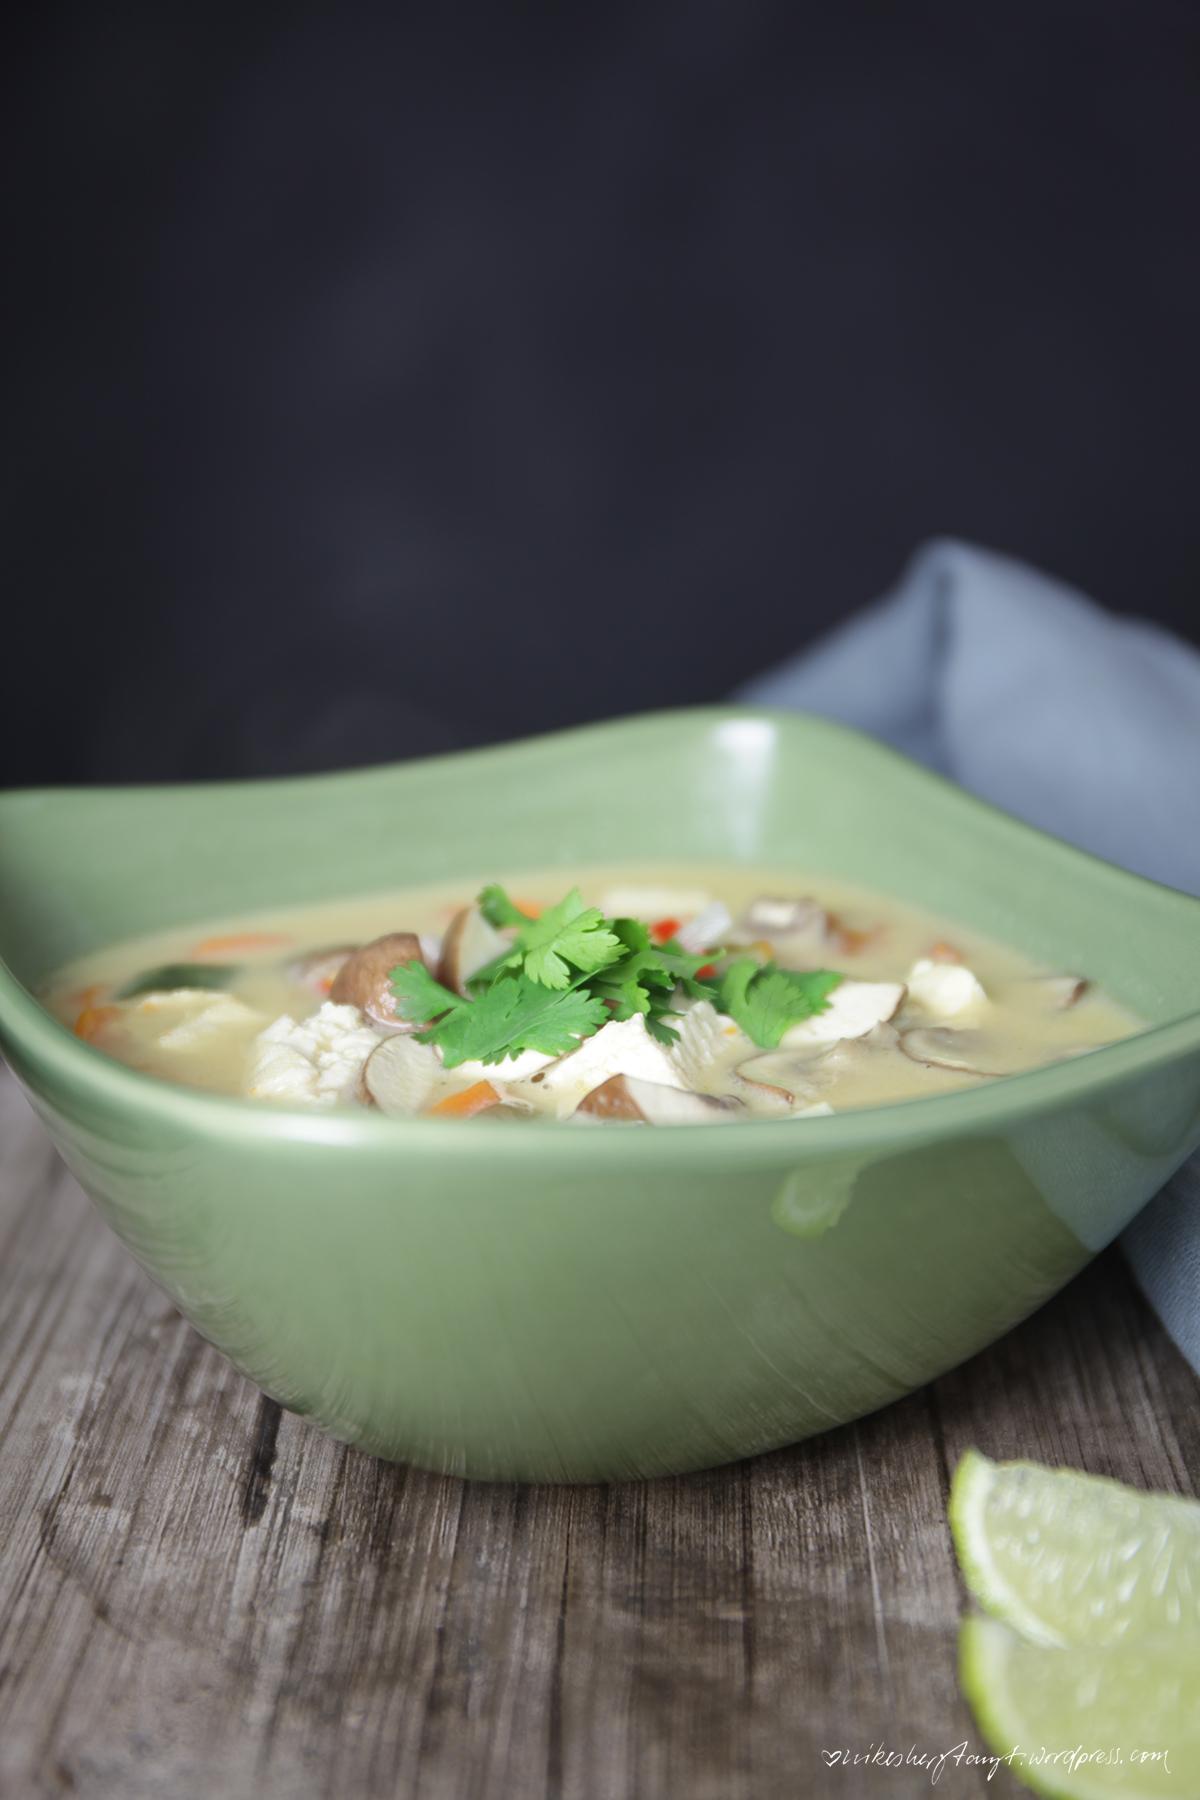 tom kha gai ohne gai, suppe, thailändisch, veggie, vegan, nikesherztanzt